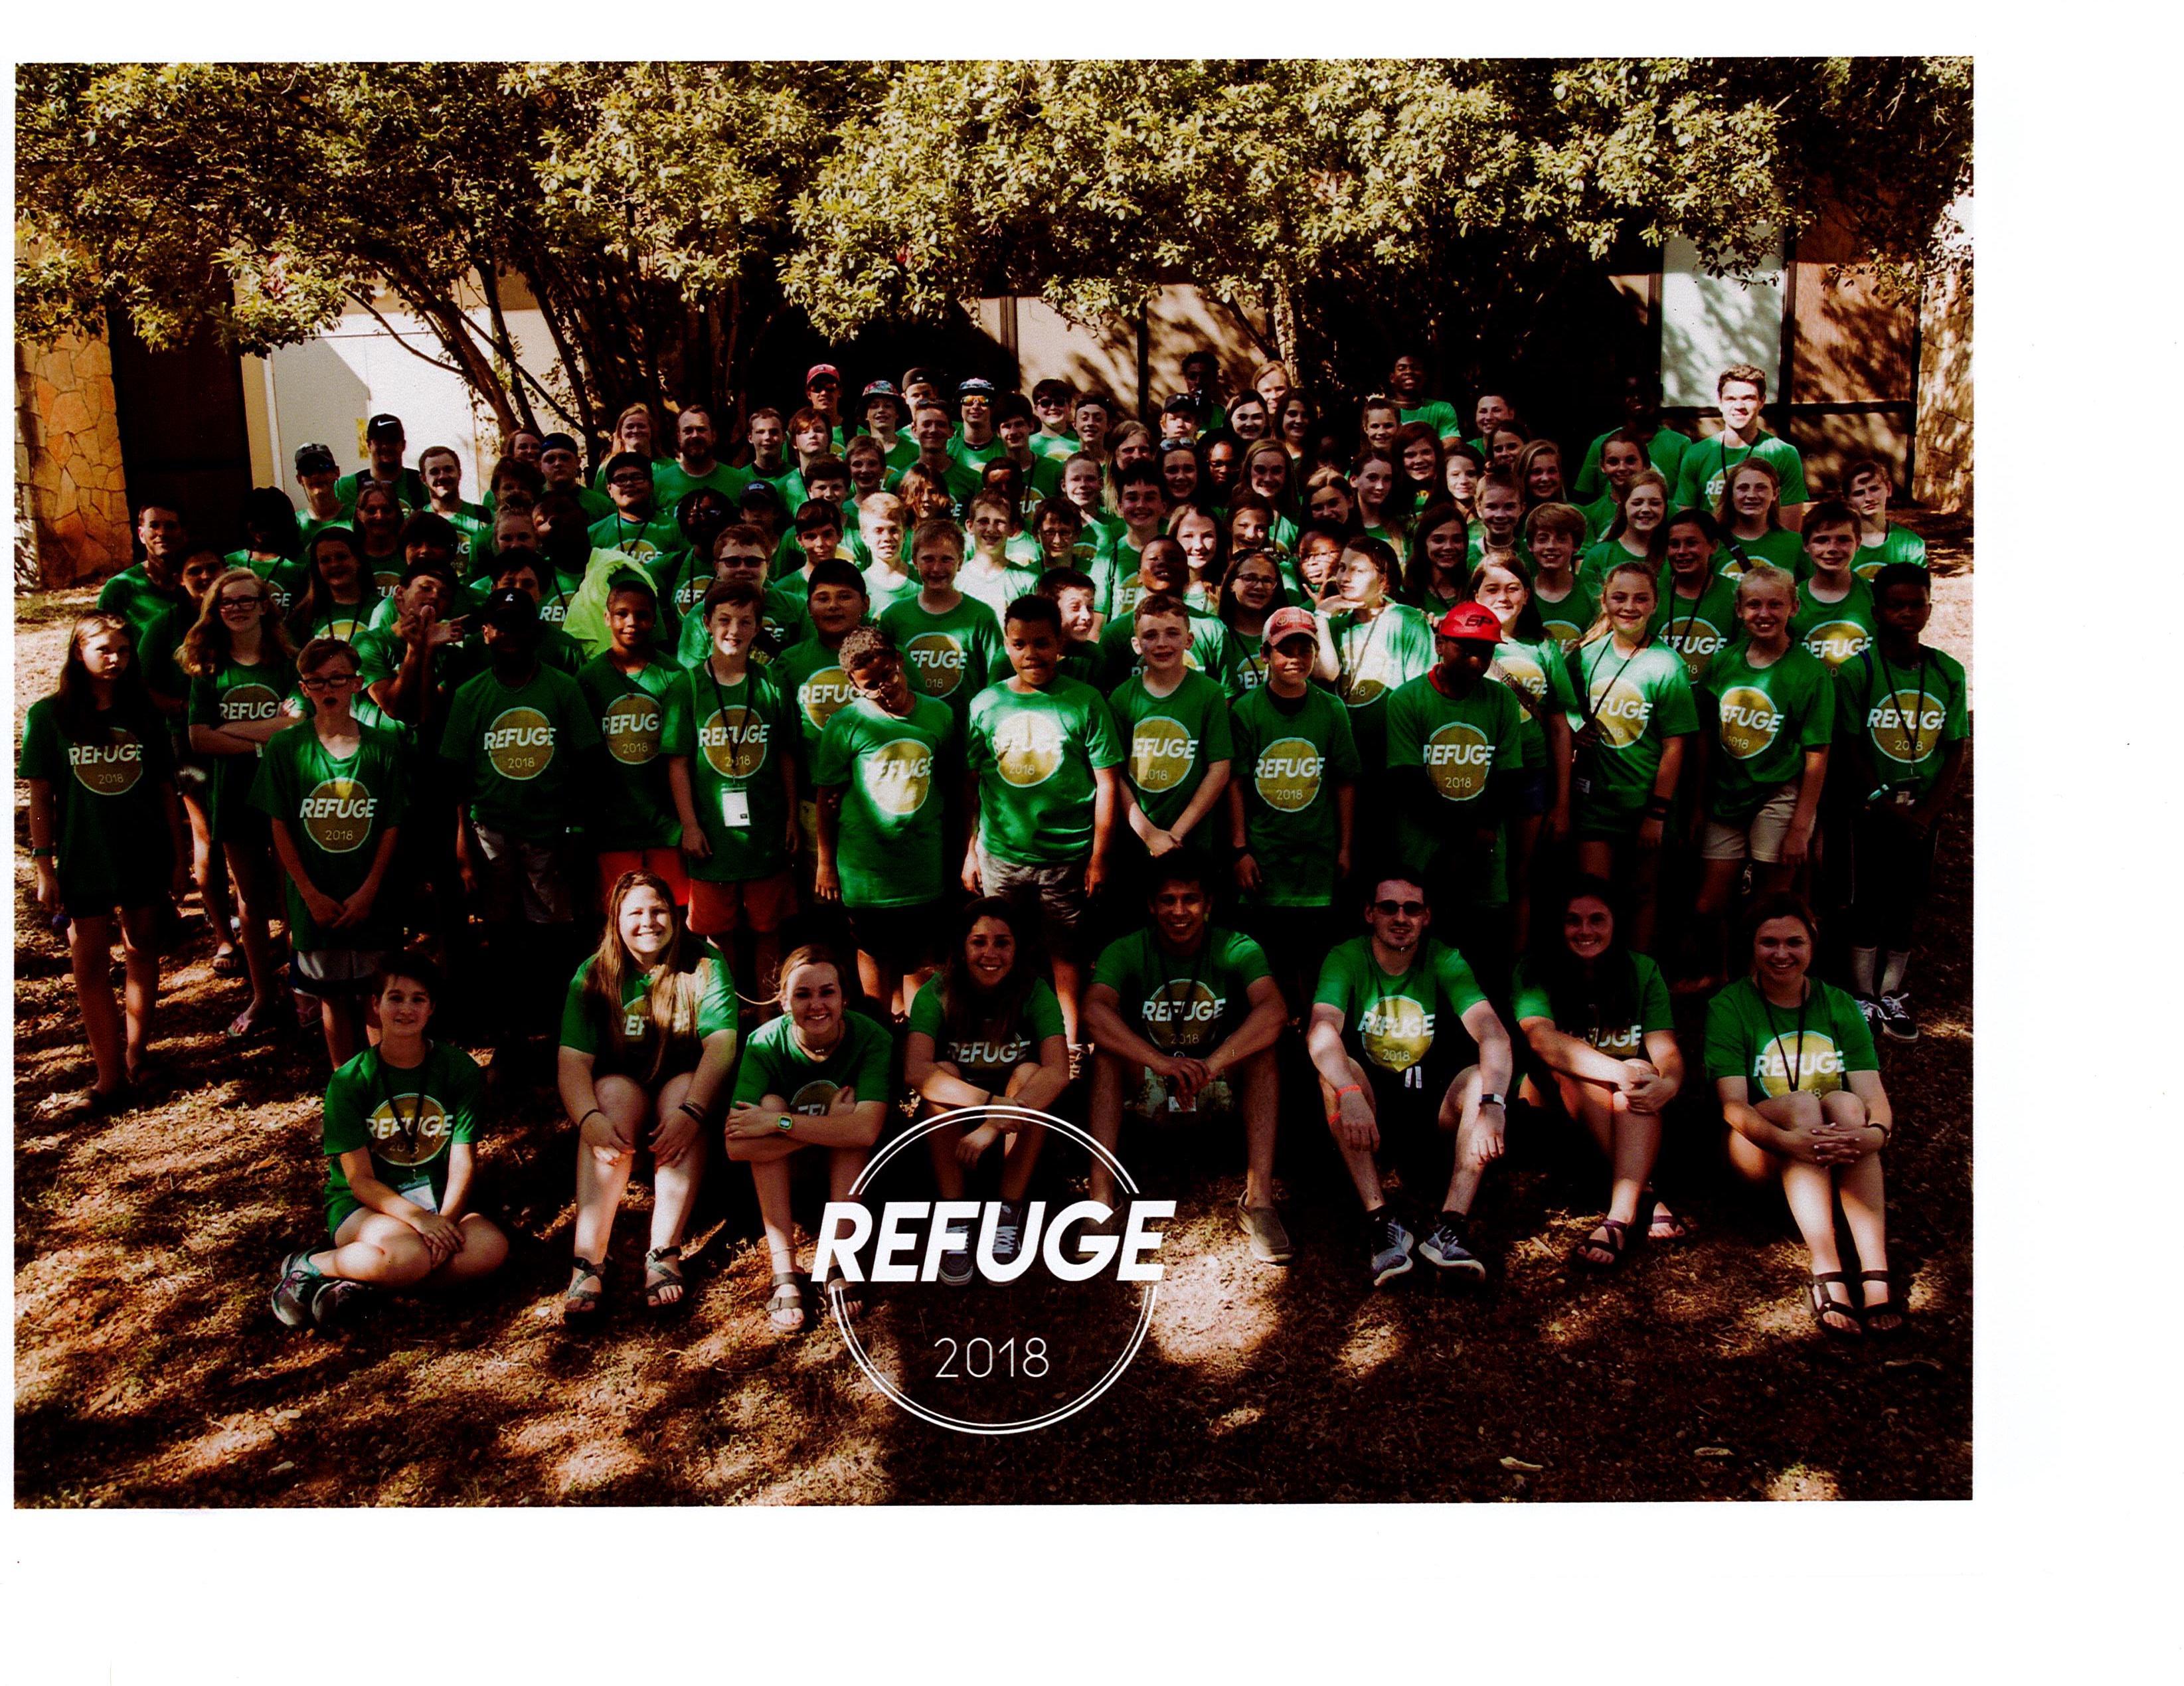 Camp Refuge 2018.jpg